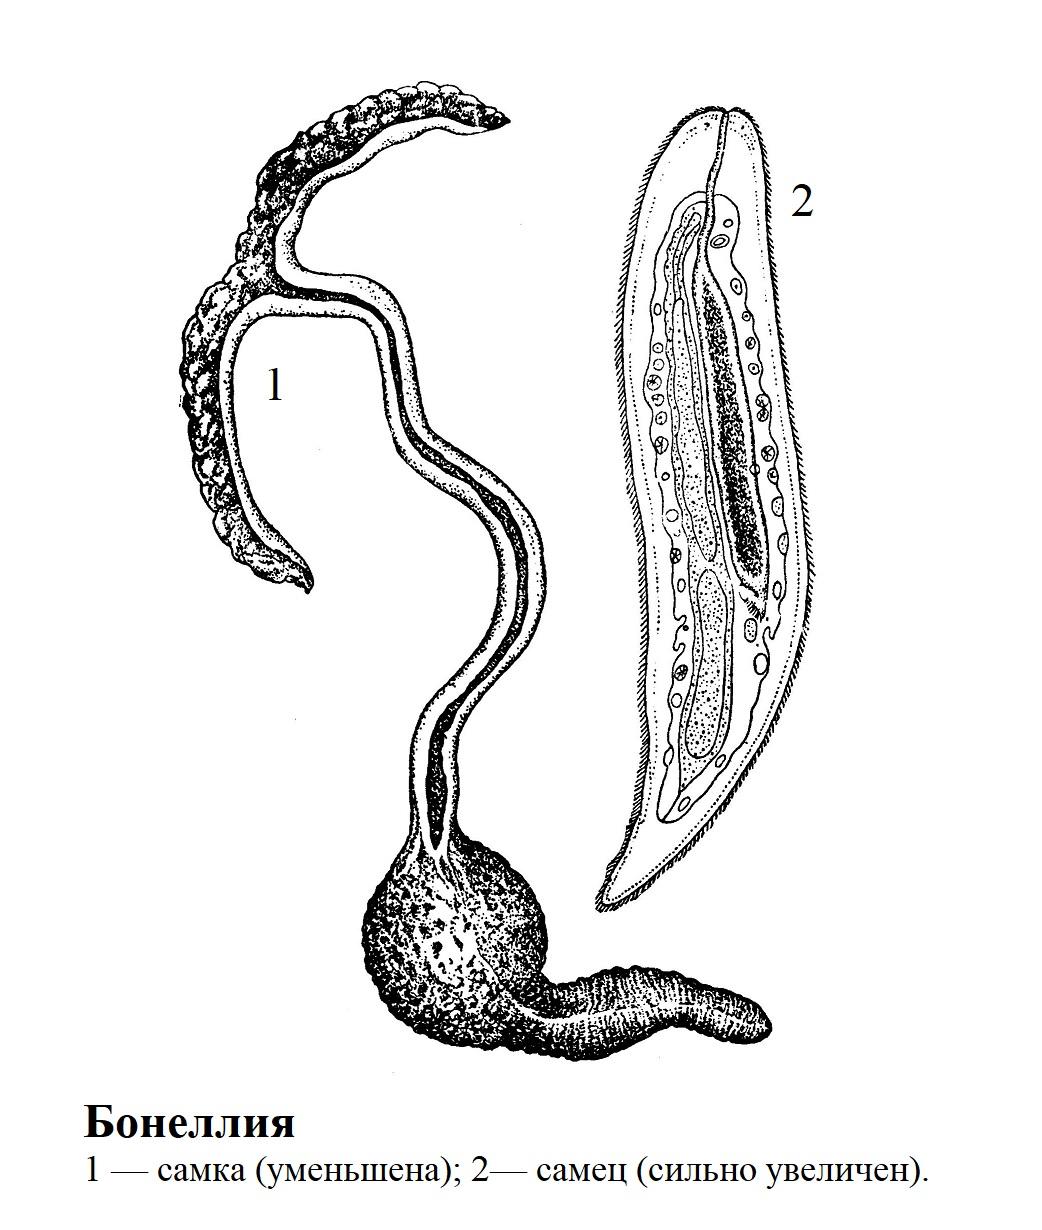 раздельнополый червь — бонеллия